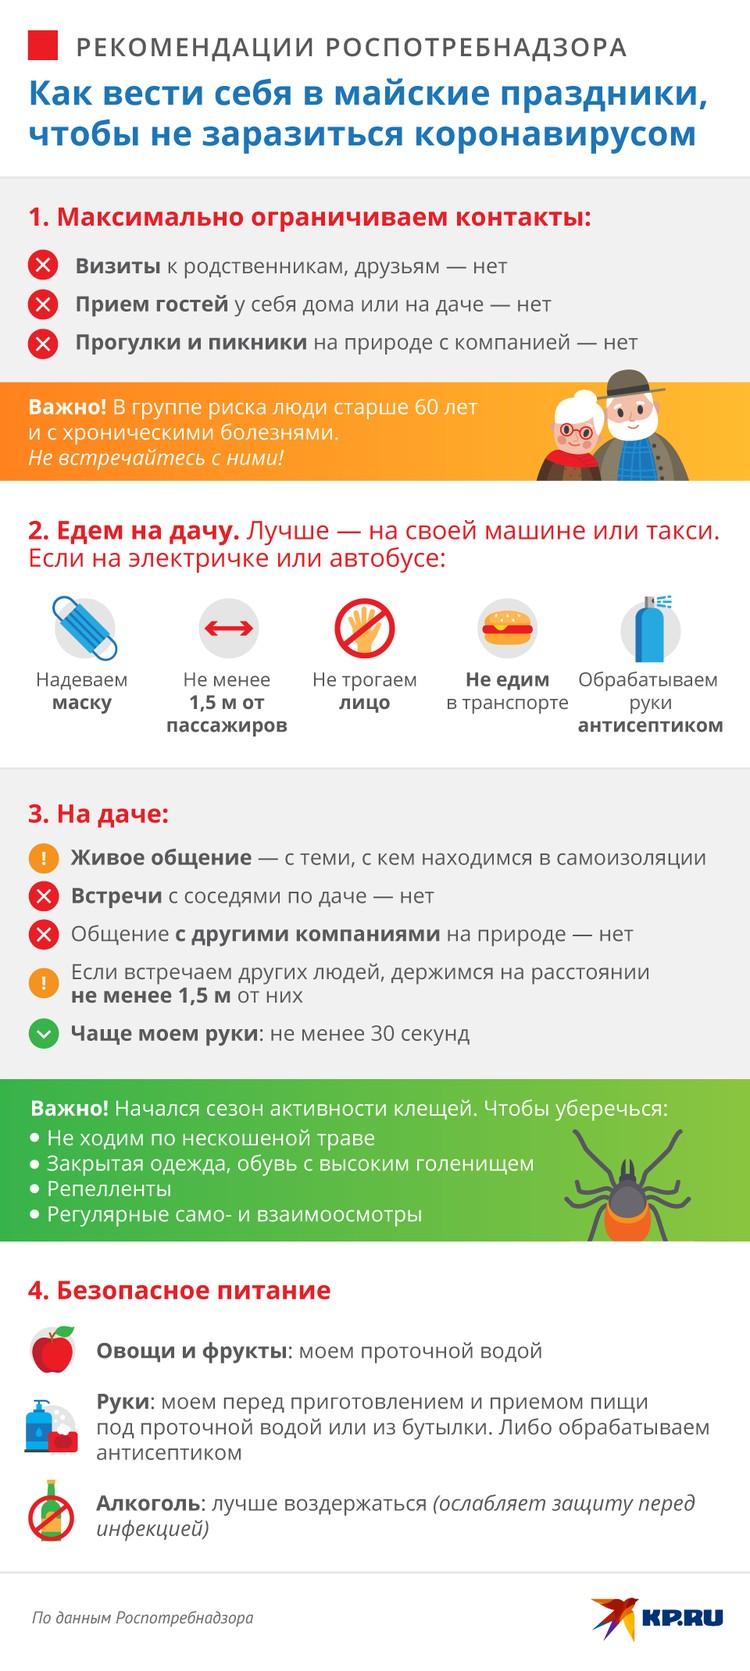 Как вести себя в майские праздники, чтобы не заразиться коронавирусом